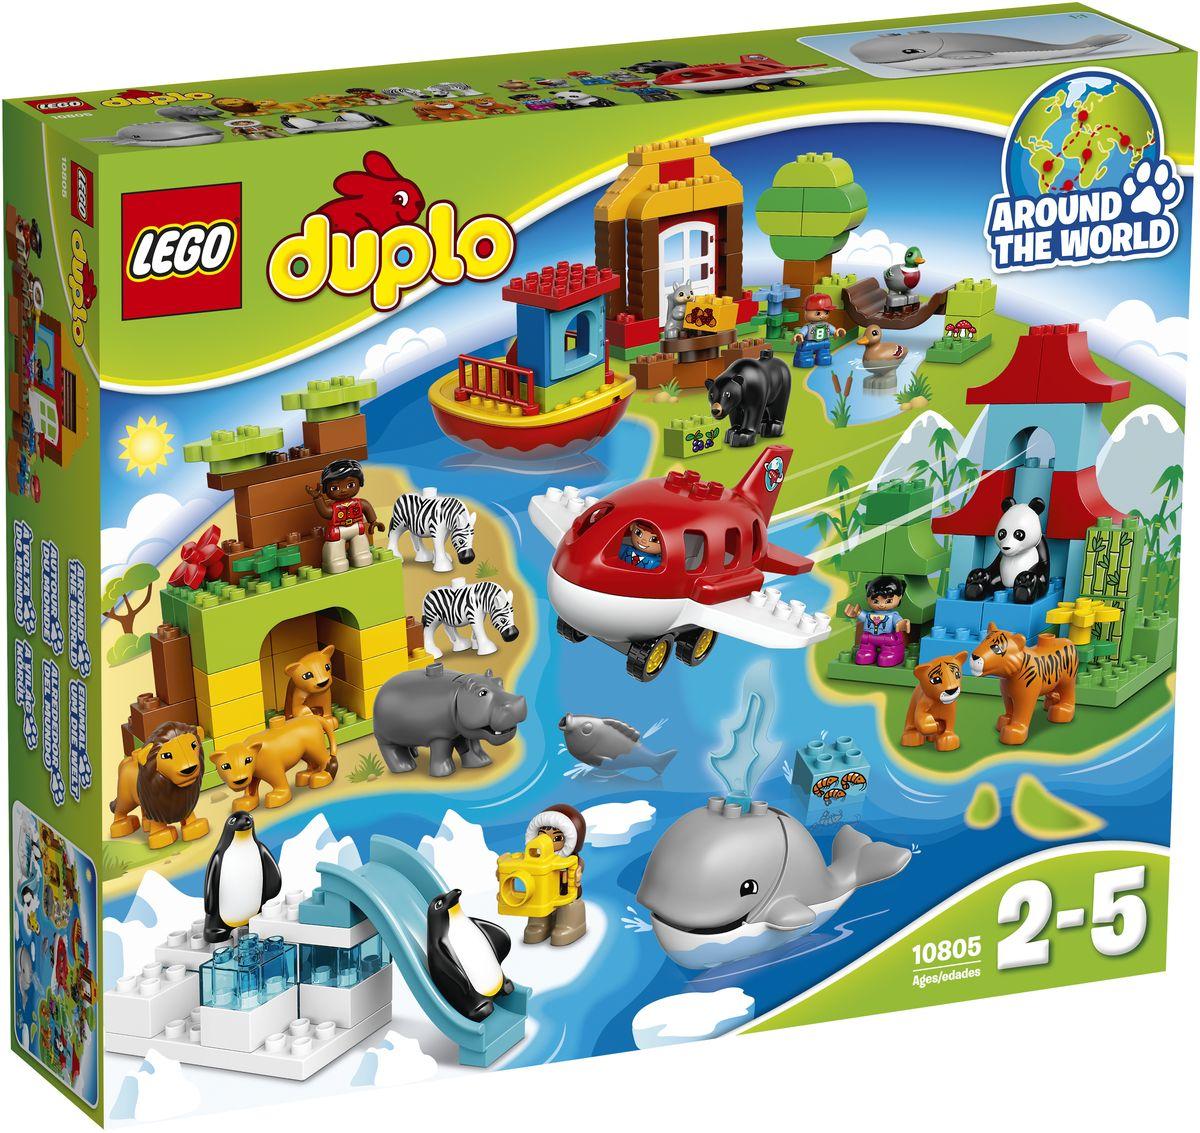 LEGO DUPLO Конструктор Вокруг света 10805 lego lego duplo вокруг света в мире животных